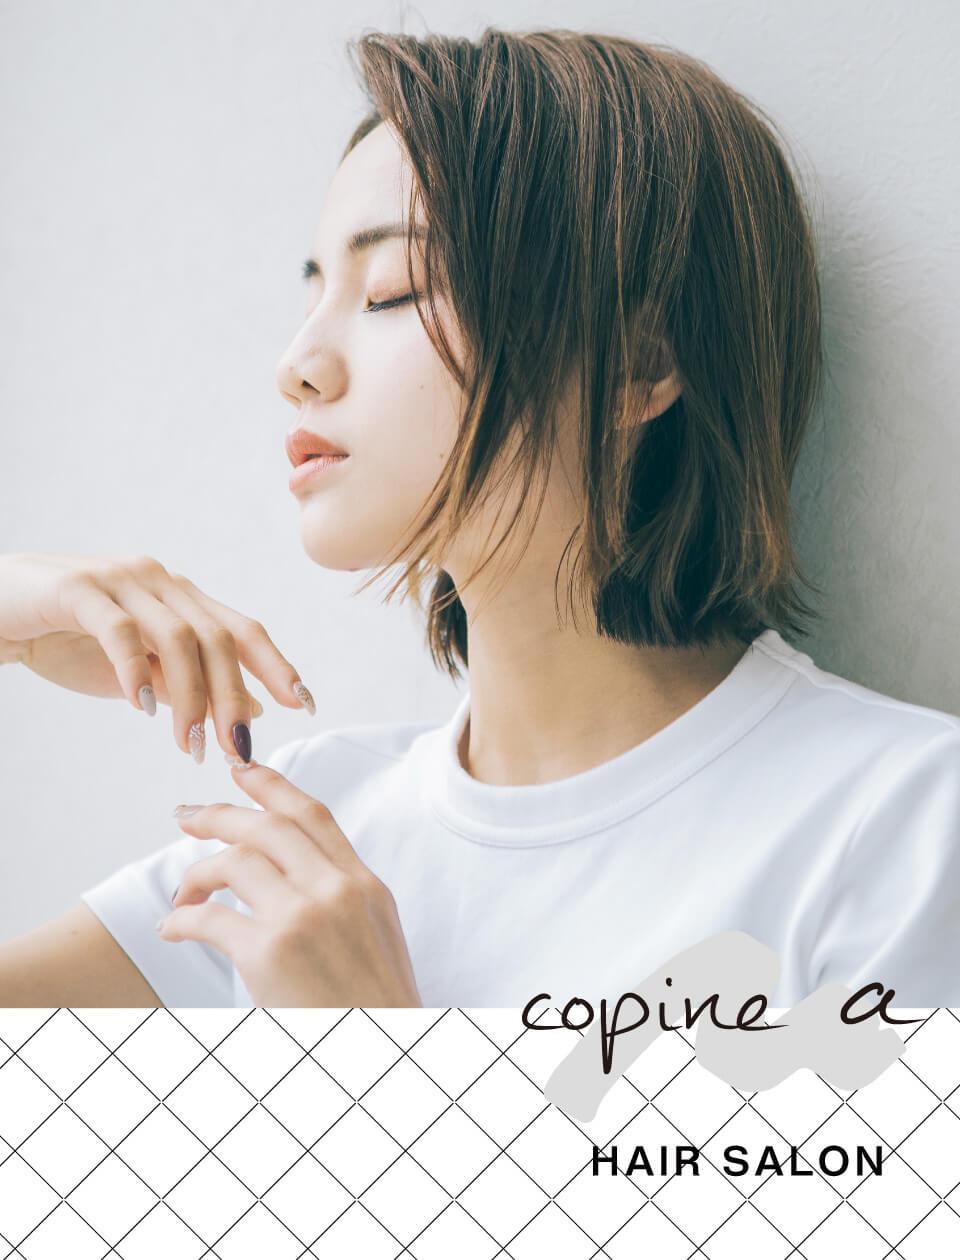 四日市の美容室・ヘアサロンcopine a(コピーヌエー)